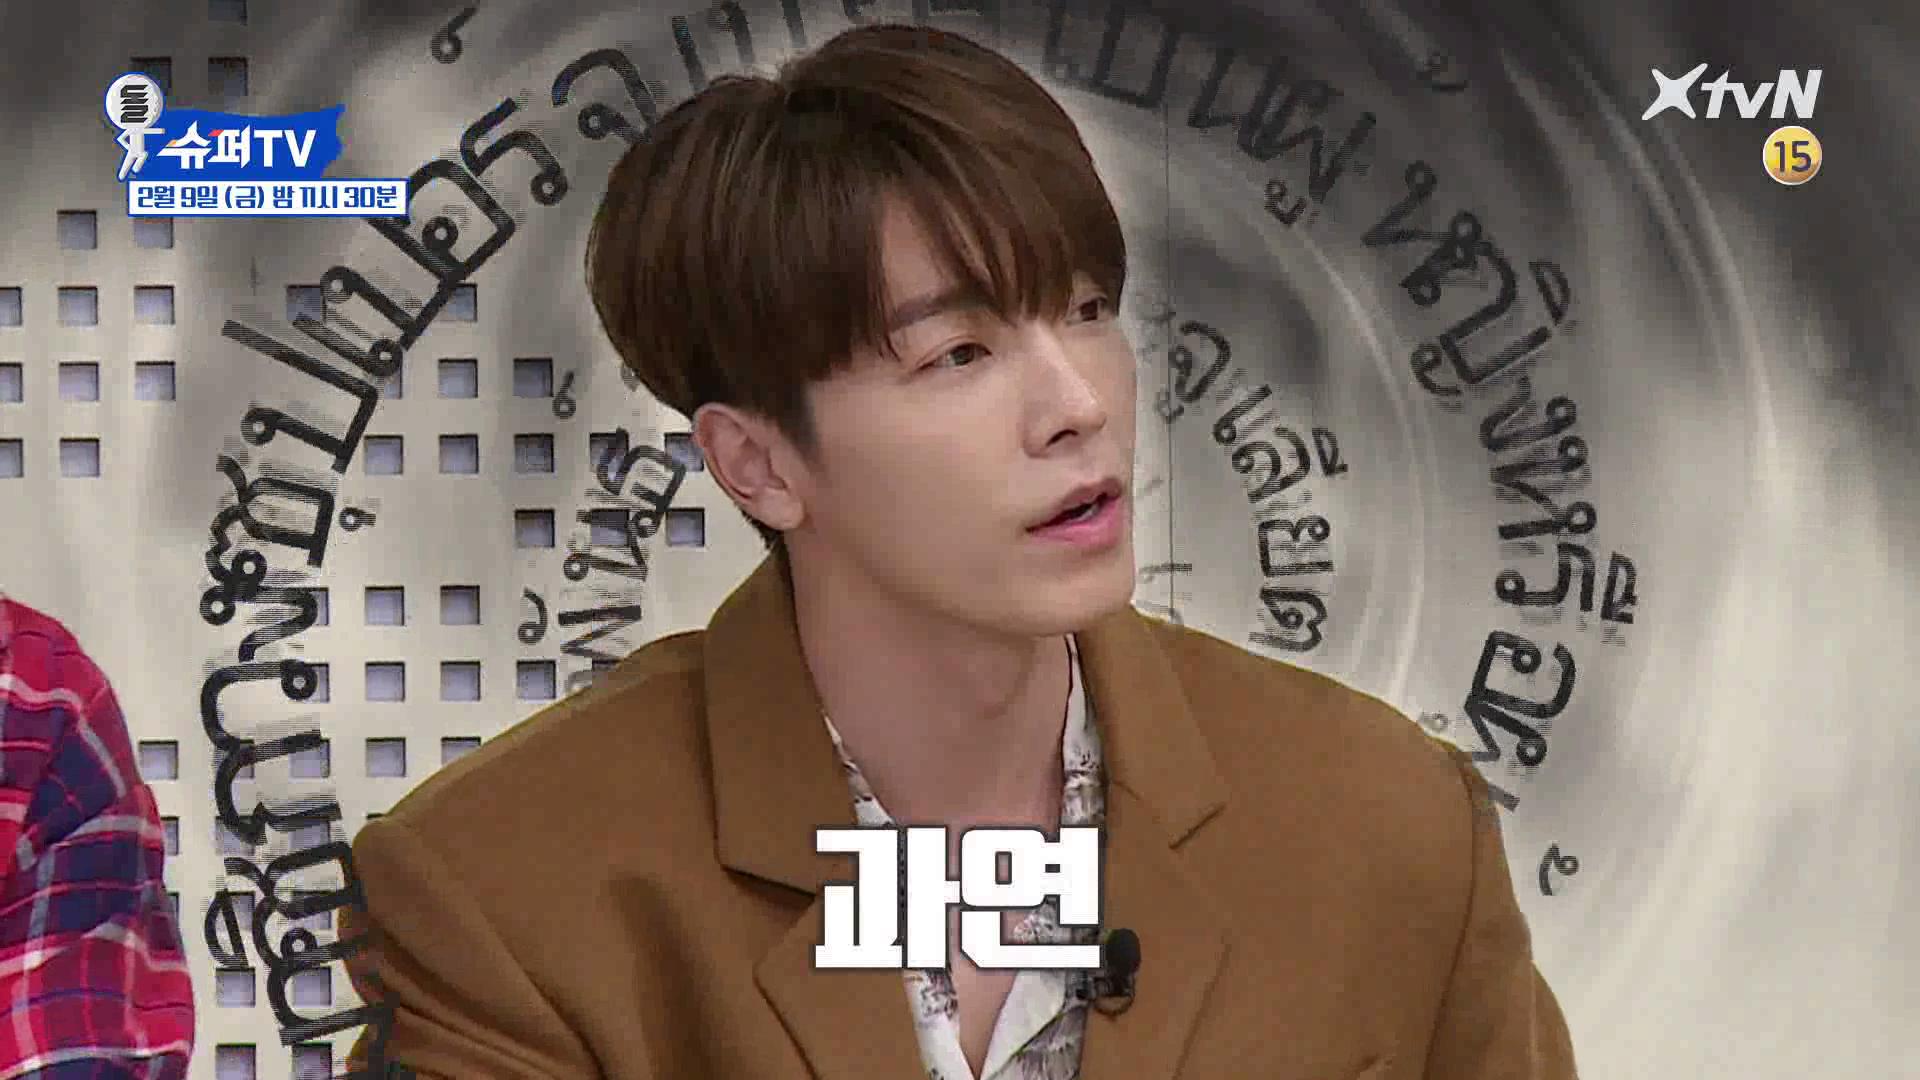 [슈퍼TV] 한국어 금지?! 슈주 vs 외국인의 글로벌 퀴즈쇼